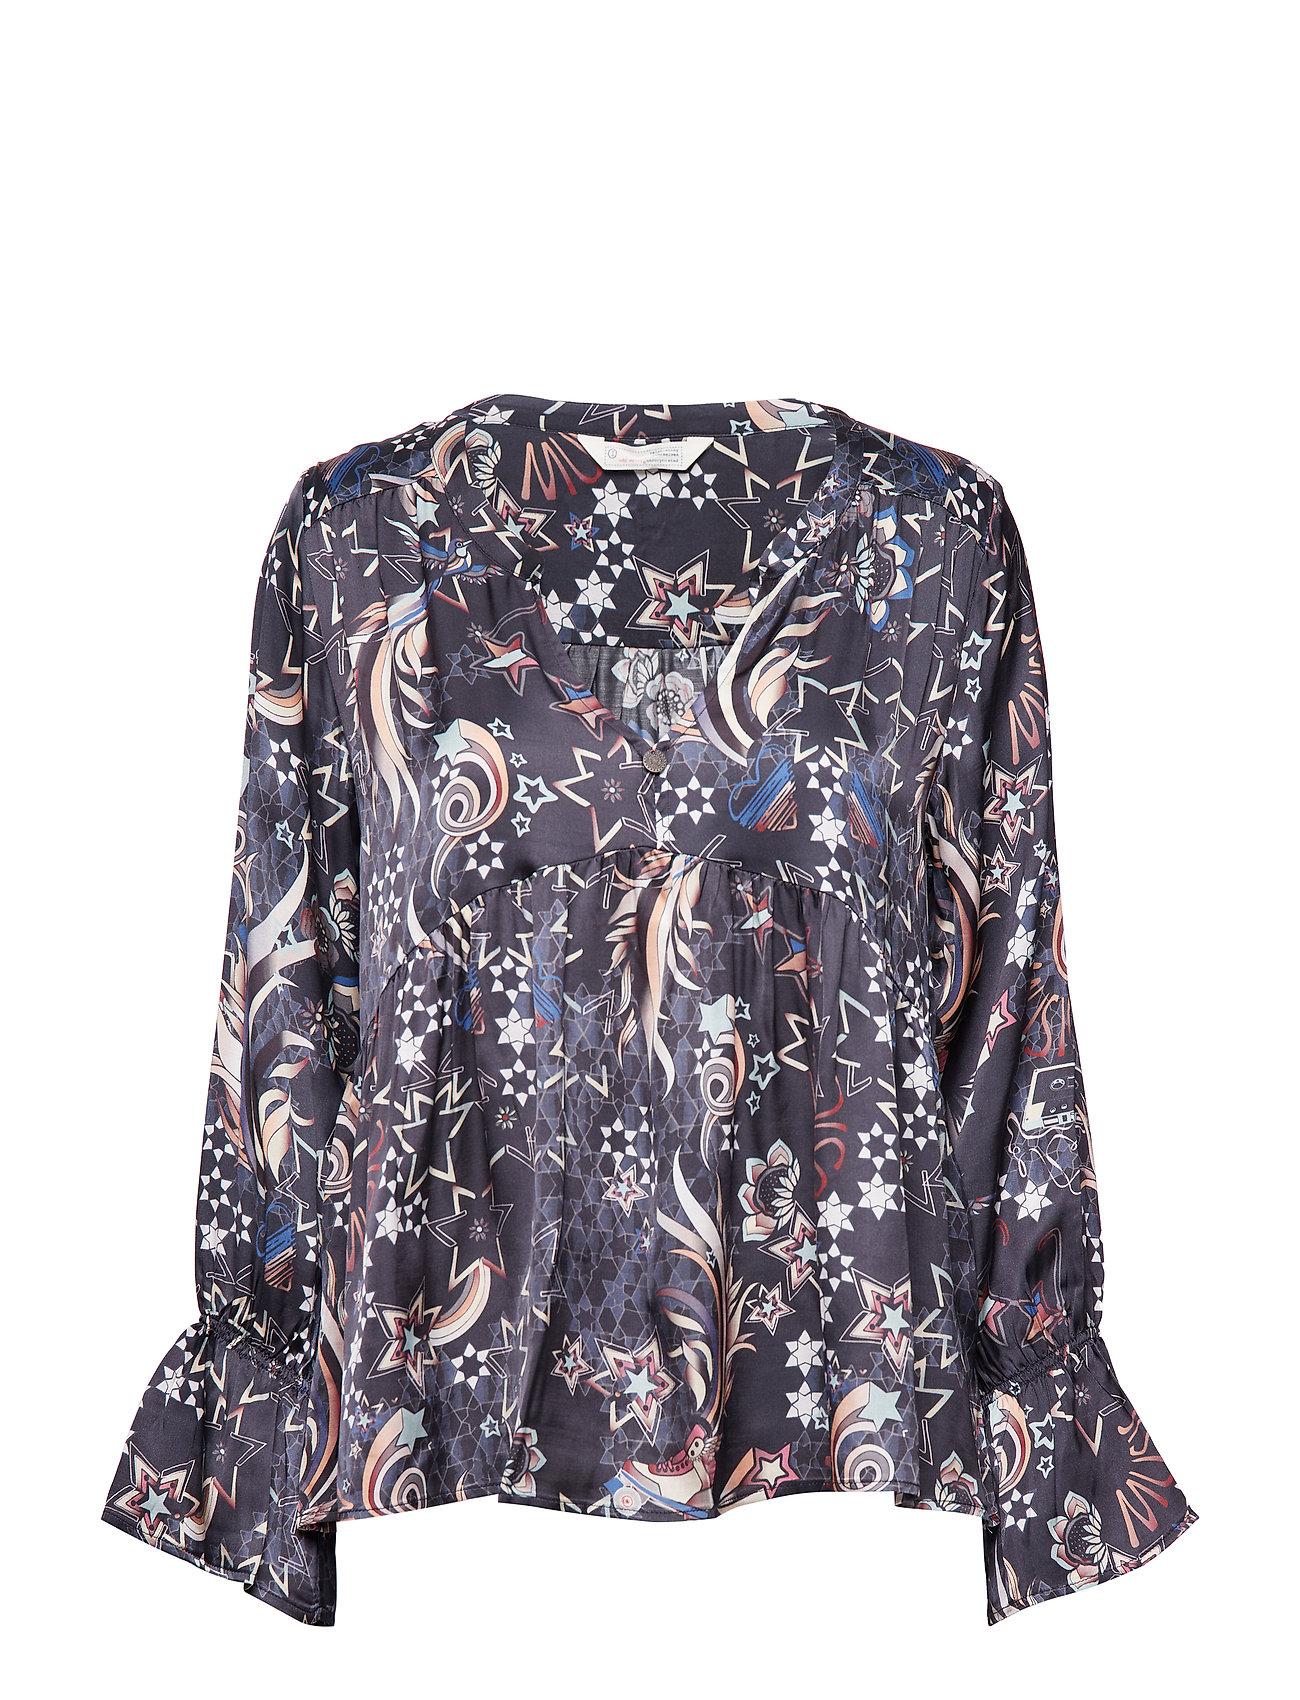 ODD MOLLY neon garden blouse - FRENCH NAVY